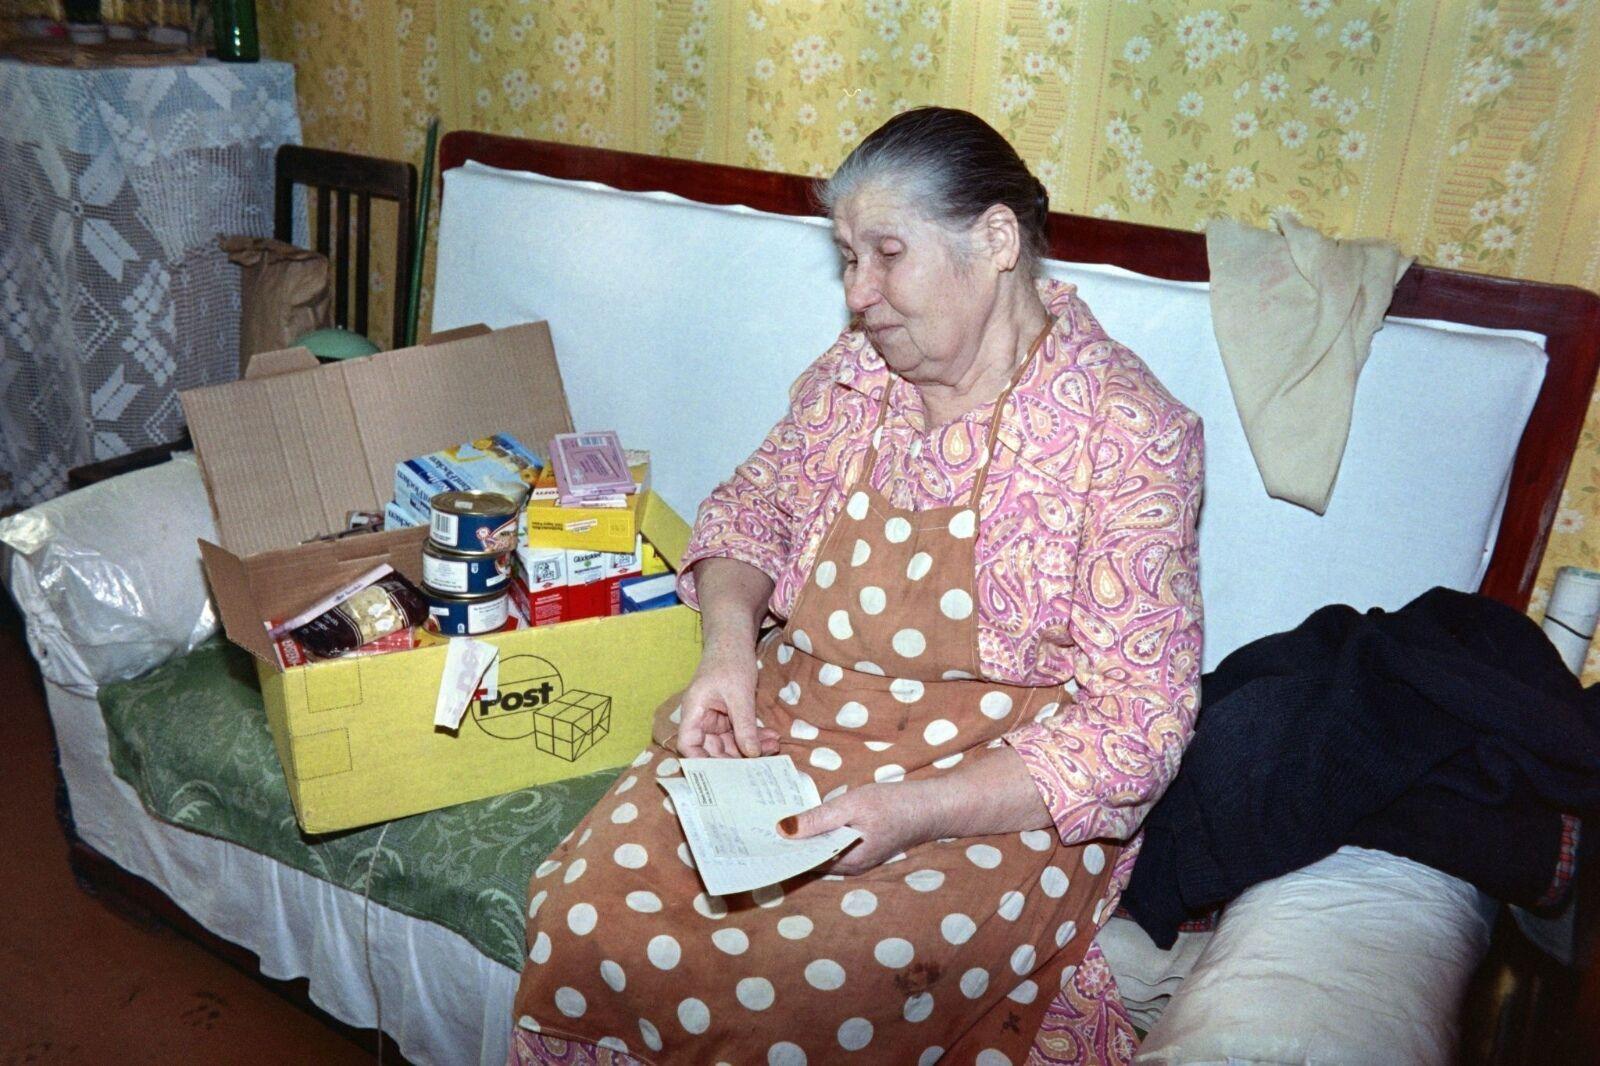 Одна из продуктовых посылок, которые раздавали советским пенсионерам